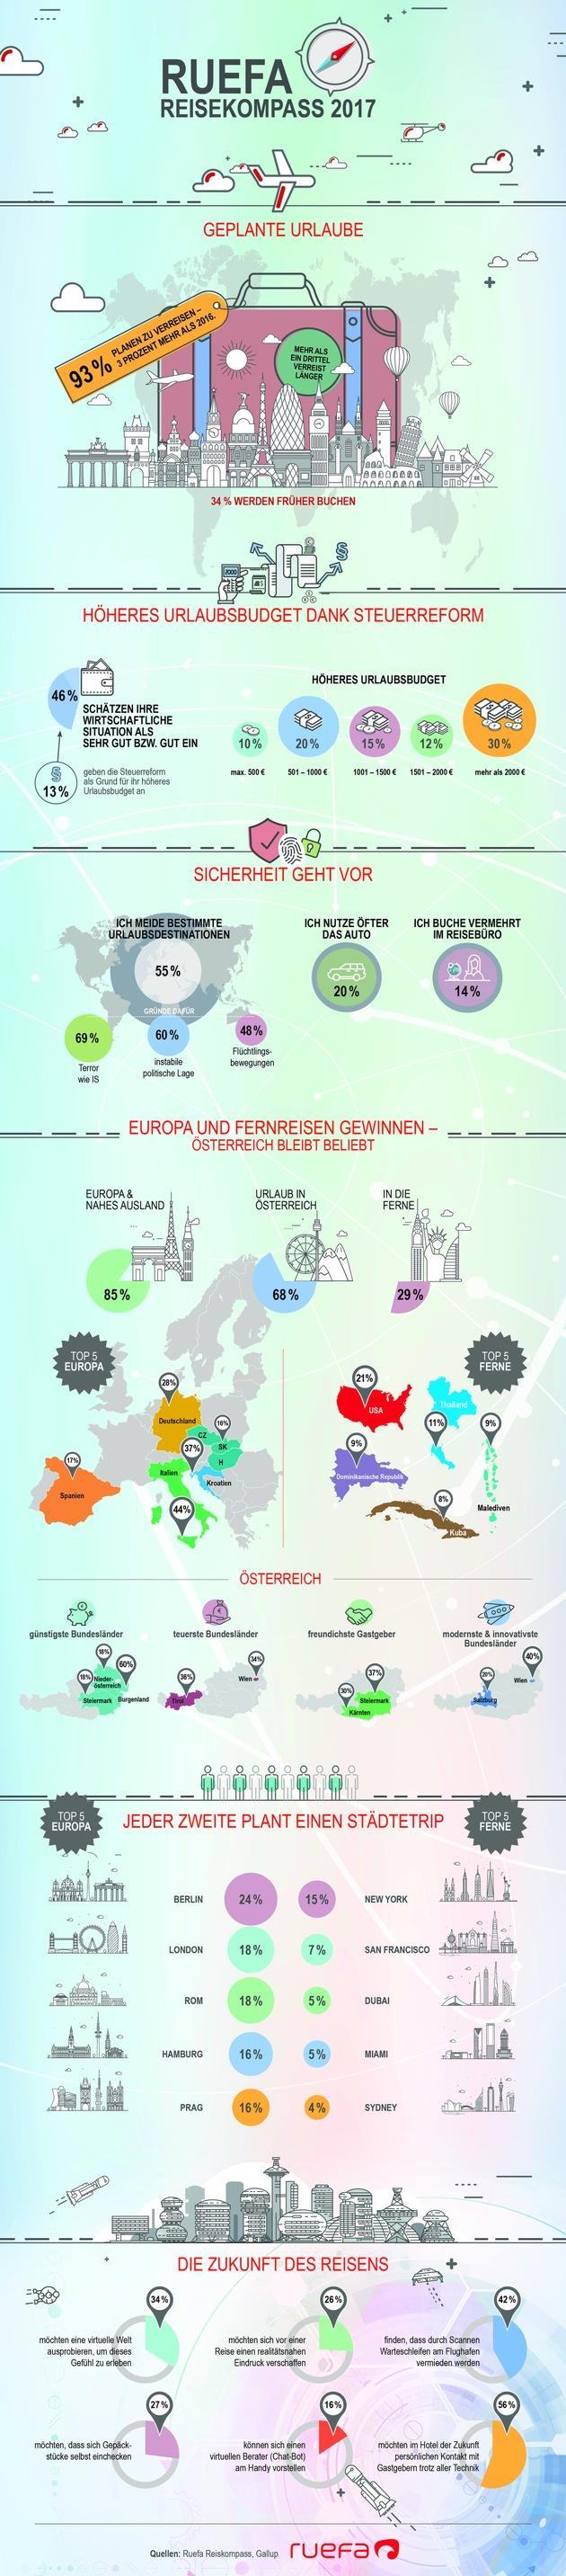 BILD zu TP/OTS - Größere wirtschaftliche Zuversicht und höheres verfügbares Urlaubsbudget erhöhen die Reisefreudigkeit. Terrorbedrohung und politische Krisenherde beeinflussen Wahl der Reisedestination. Das Reisebüro gewinnt an Bedeutung. Europa- und Städtereisen gewinnen, aber auch Reisen in die Ferne. Urlaub in Österreich bleibt ein Dauerbrenner. Es gibt den Trend zu Stille und Einfachheit.